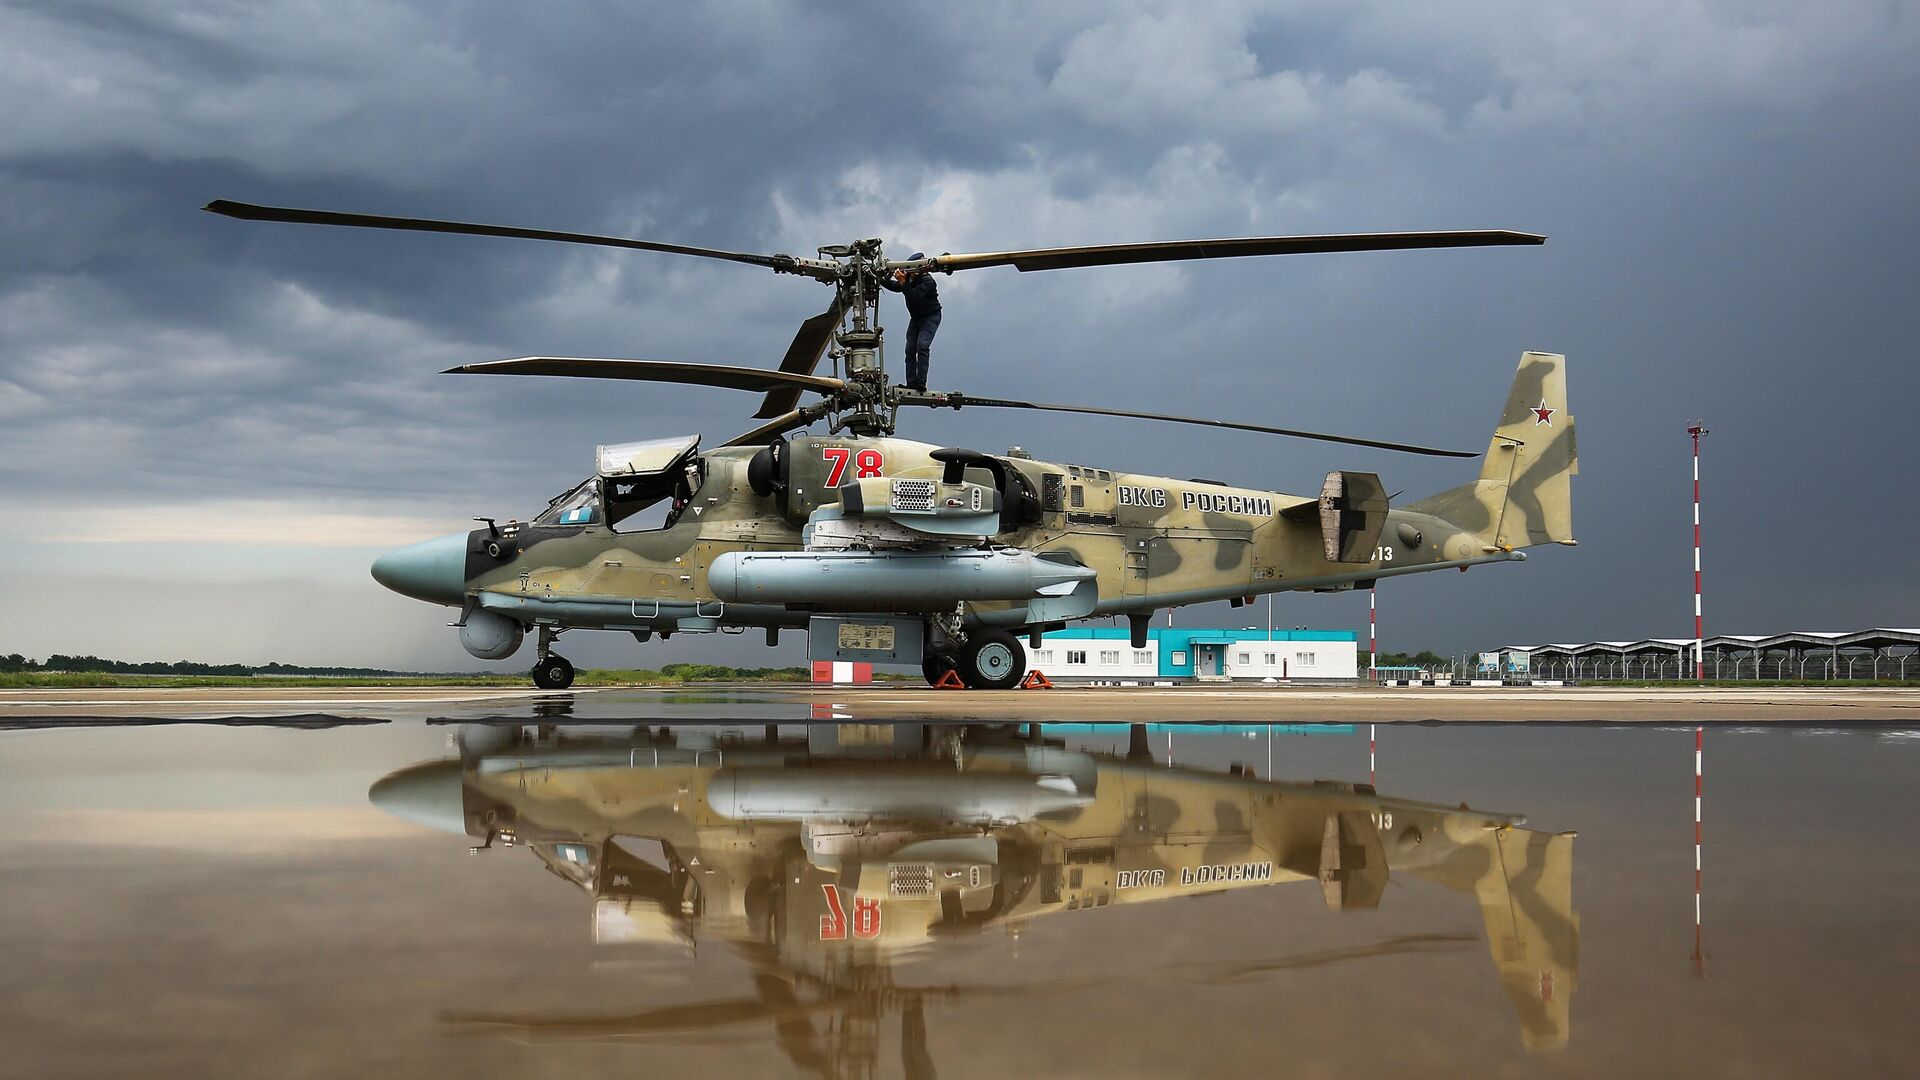 Ударный вертолет Ка-52 Аллигатор  - РИА Новости, 1920, 19.05.2021